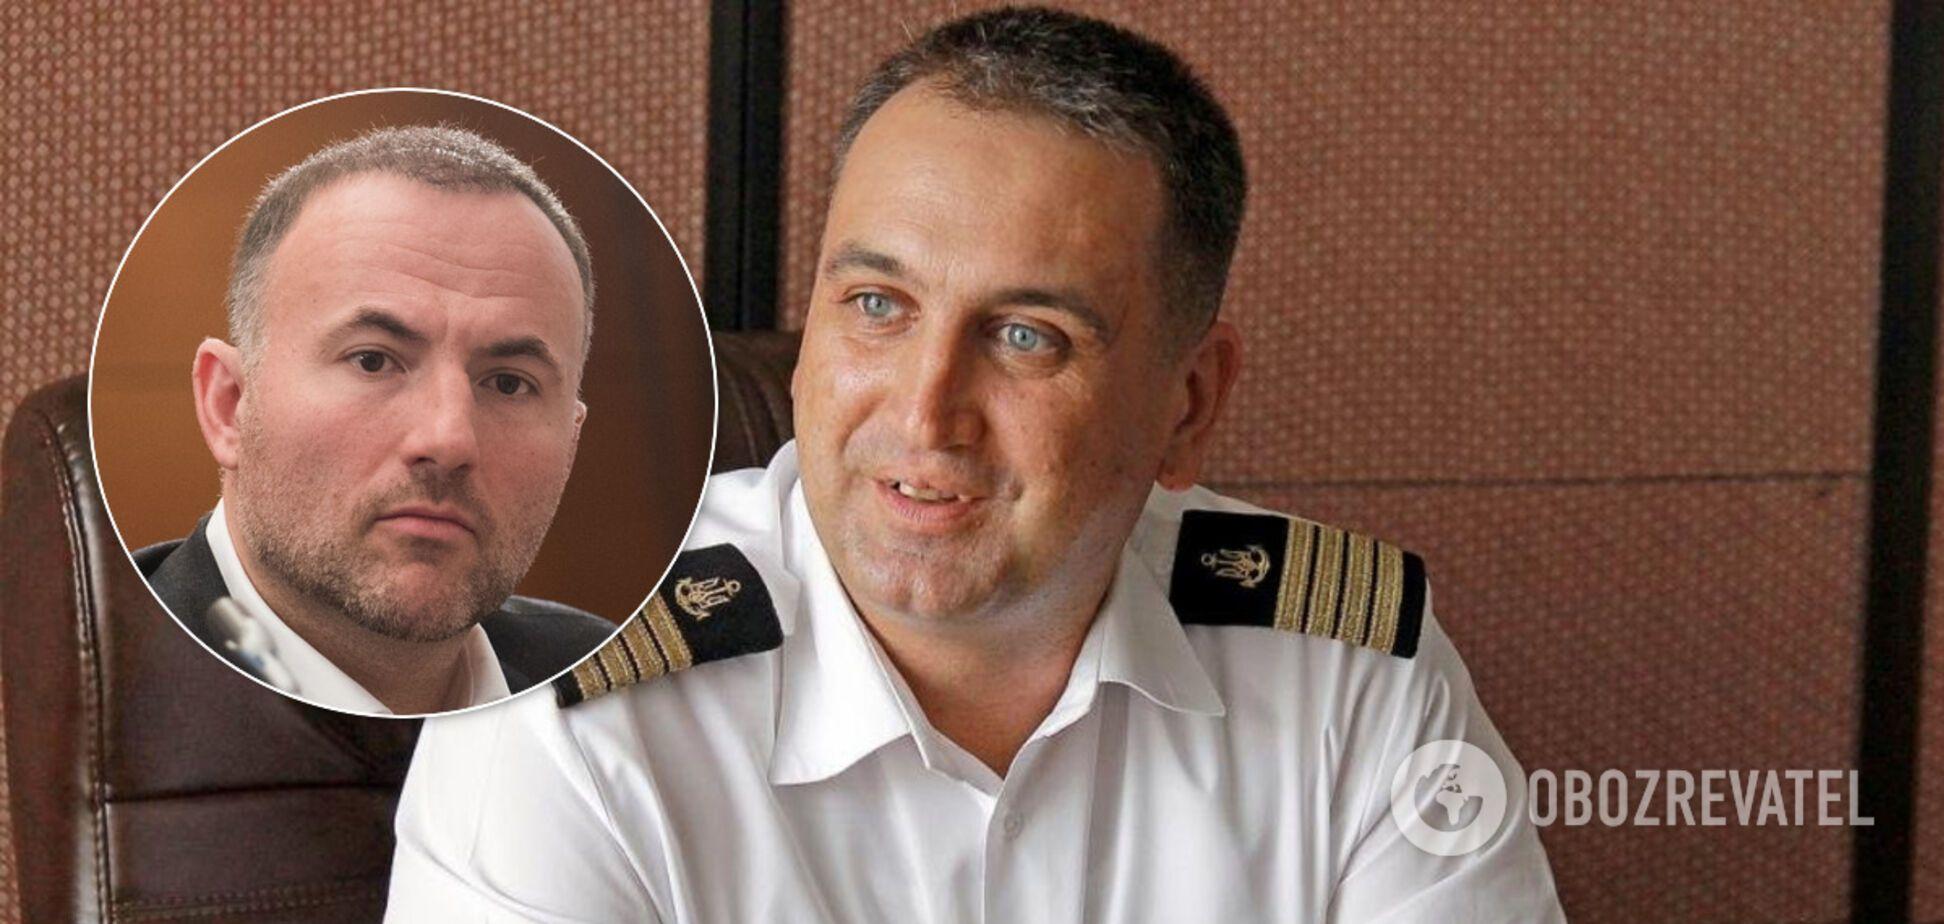 СМИ сообщили о перестановке в ВМС Украины: замкомандующего заподозрили в связях с российским олигархом Фуксом